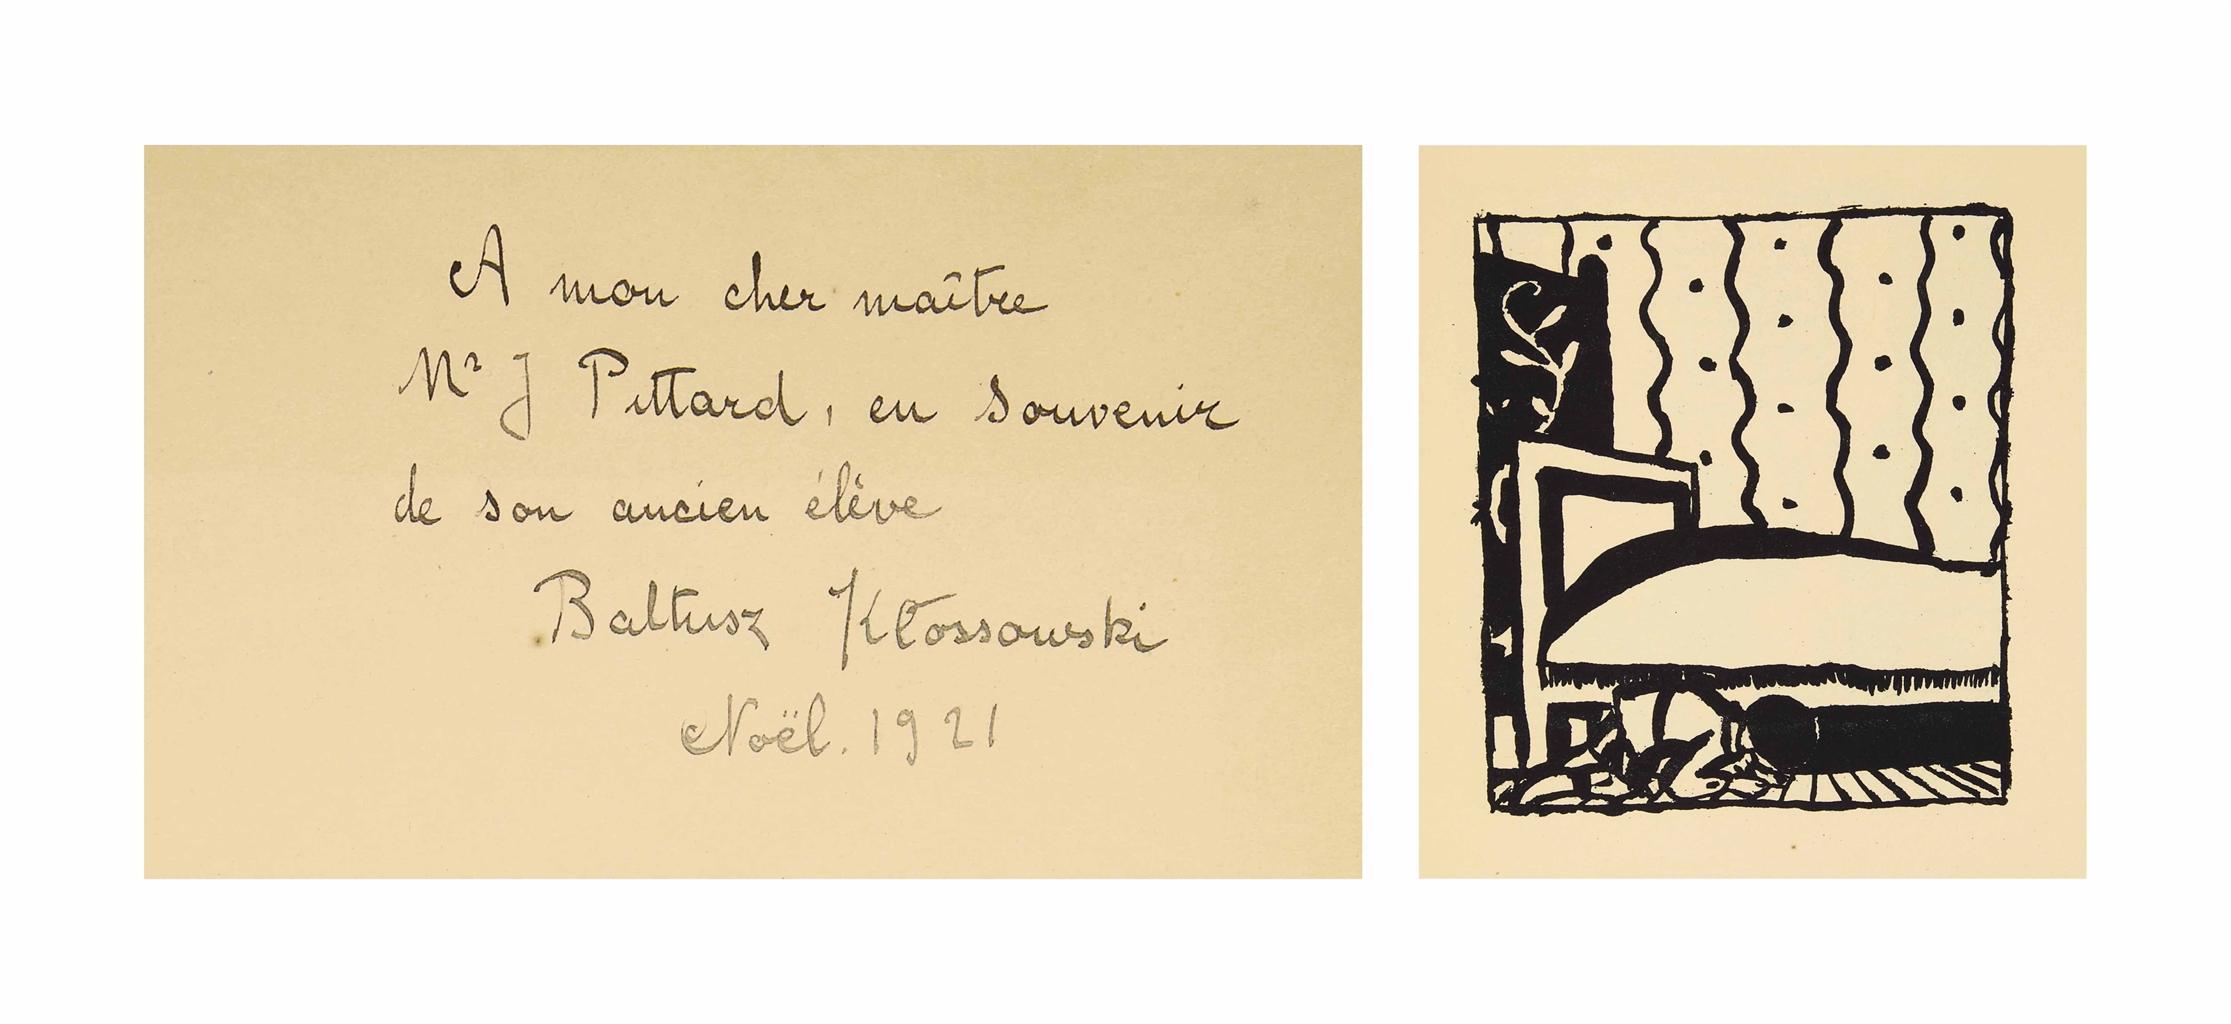 [BALTHUS] -- Rainer Maria RILKE (1875-1826). Mitsou. Quarante images par Baltusz. Préface de Rainer Maria Rilke. Erlenbach, Zürich et Leipzig: Rotapfel-Verlag, 1921. In-4 (248 x 190 mm). 40 figures de Balthus hors texte. Broché, cartonnage original de l'éditeur.